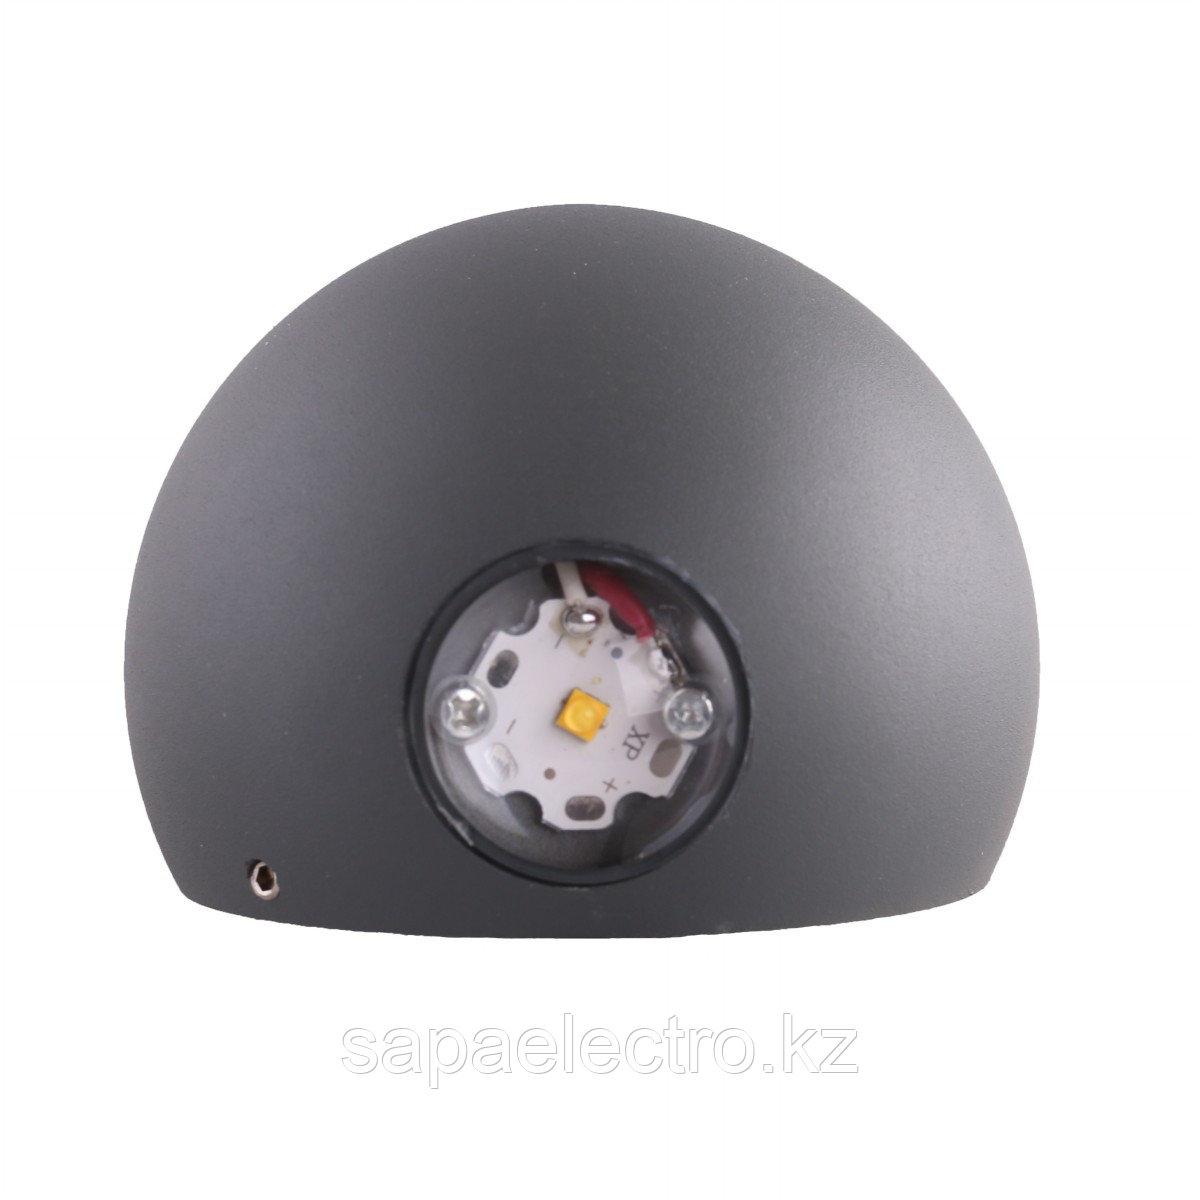 Svet-k 308G 2x1W DARK GREY 4000K IP54 (TEKLED) 30s